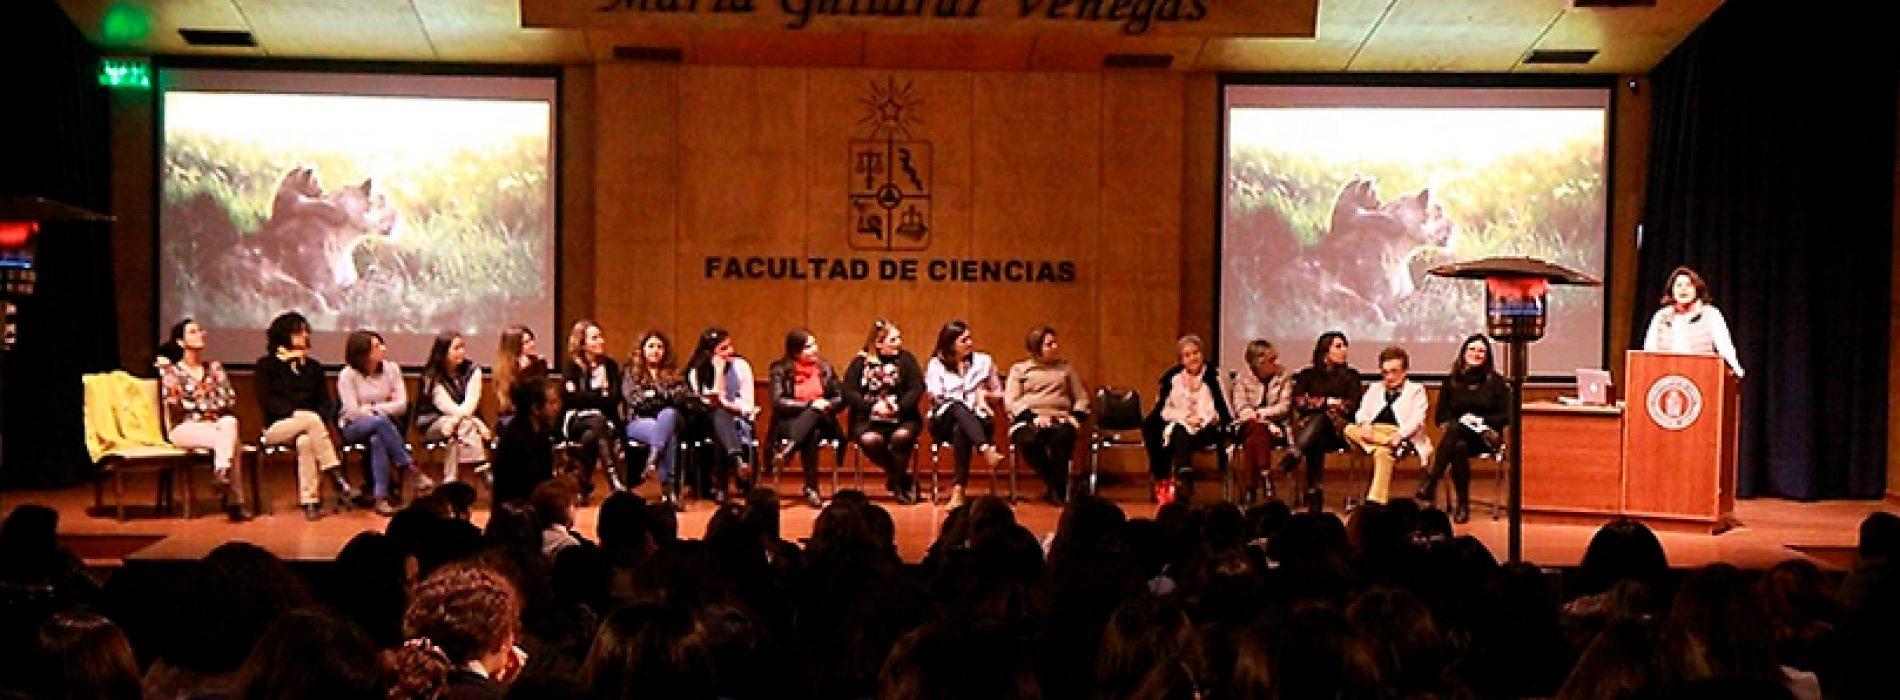 ¿Cómo es hacer ciencias siendo mujer?: académicas dialogaron con estudiantes sobre su experiencia profesional y de vida